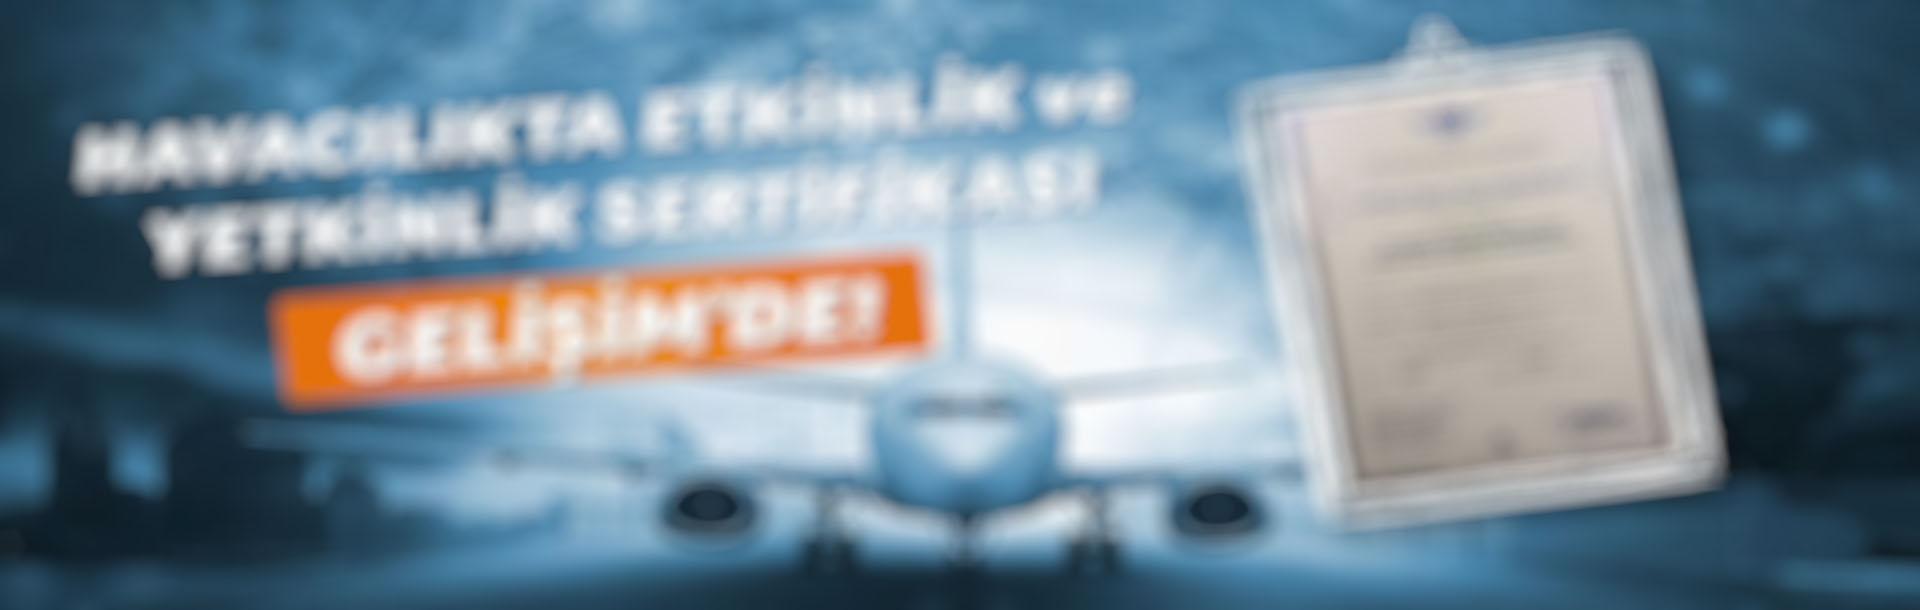 Havacılıkta etkinlik ve yetkinlik sertifikası